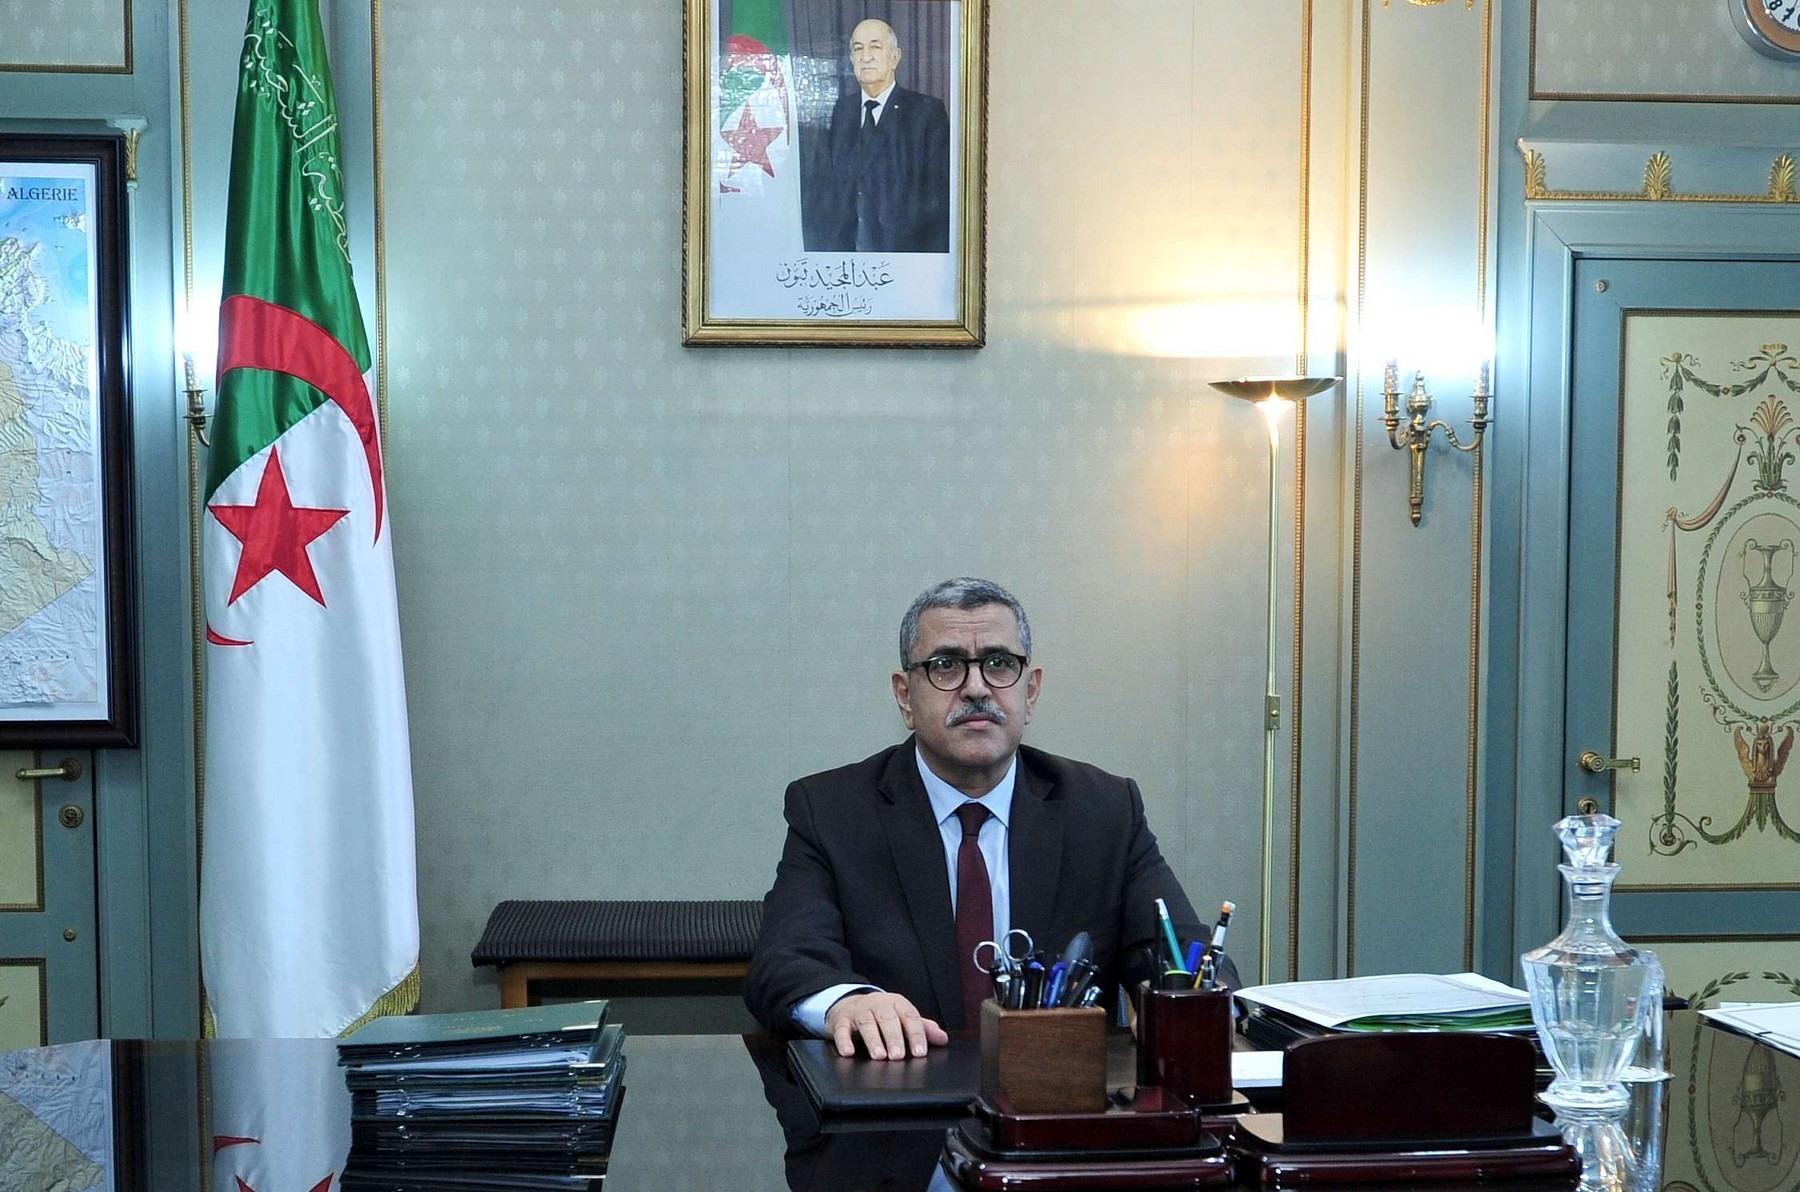 رئيس الوزراء الجزائرى: الاستفتاء على التعديلات الدستورية يوم لمستقبل البلاد